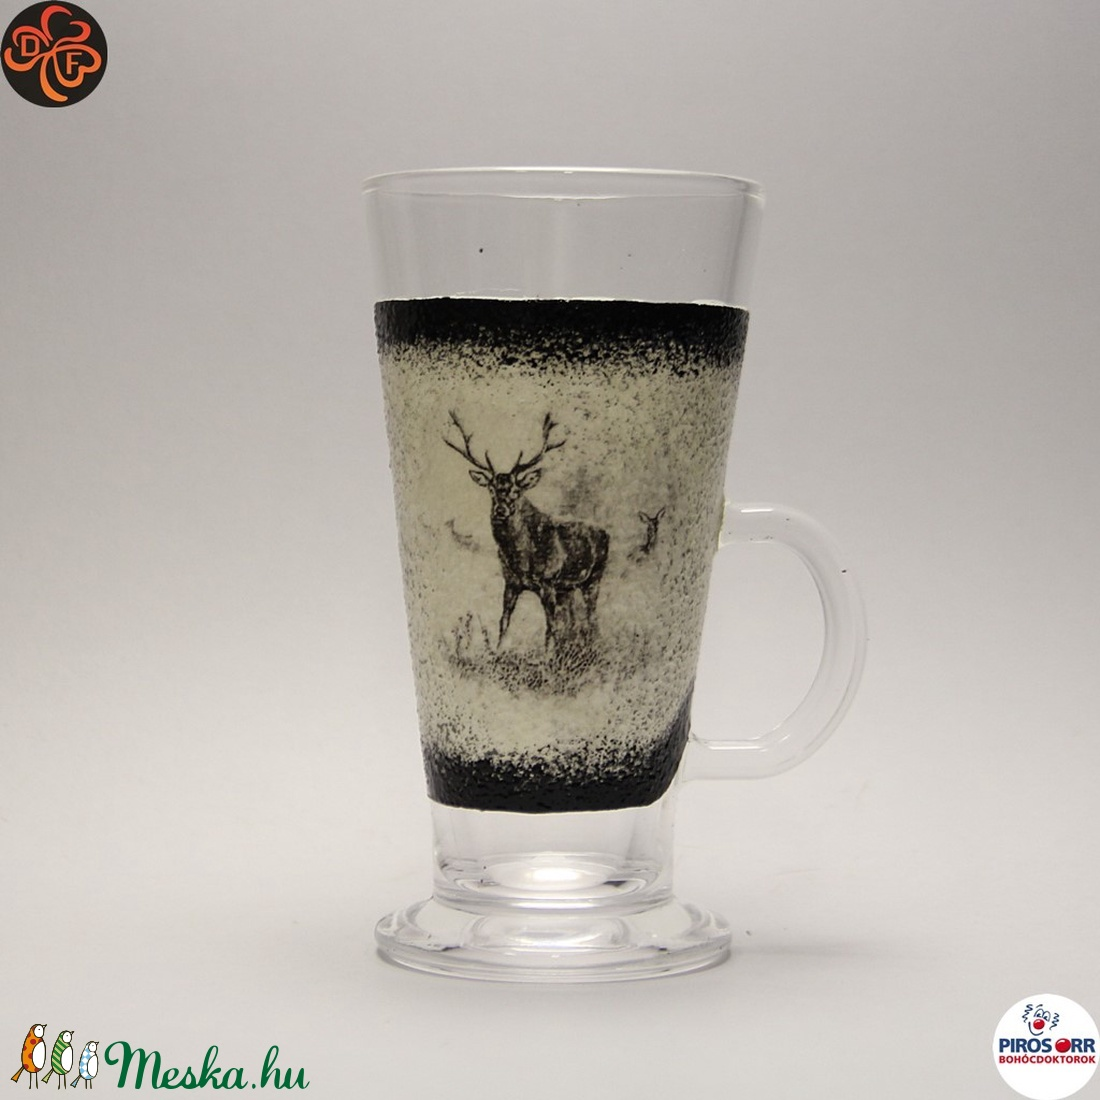 Vadász - szarvas képpel - kávés pohár ; A vadászat szerelmeseinek  (decorfantasy) - Meska.hu